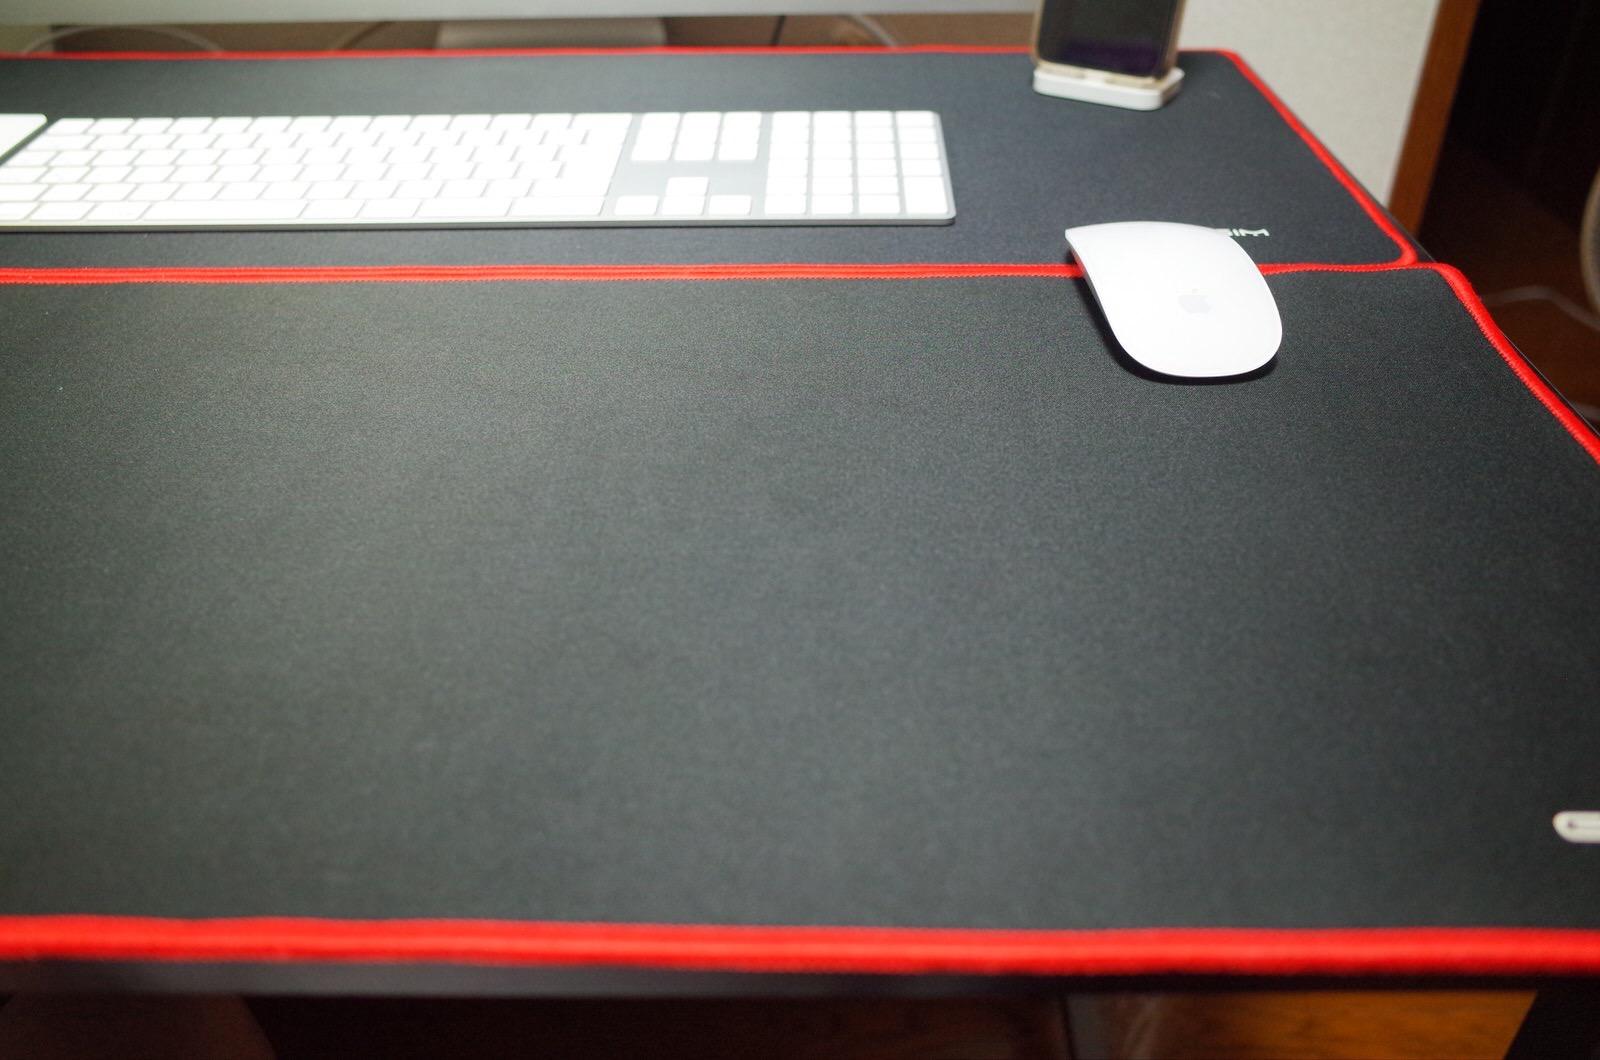 大型ゲーミングマウスパッド-6